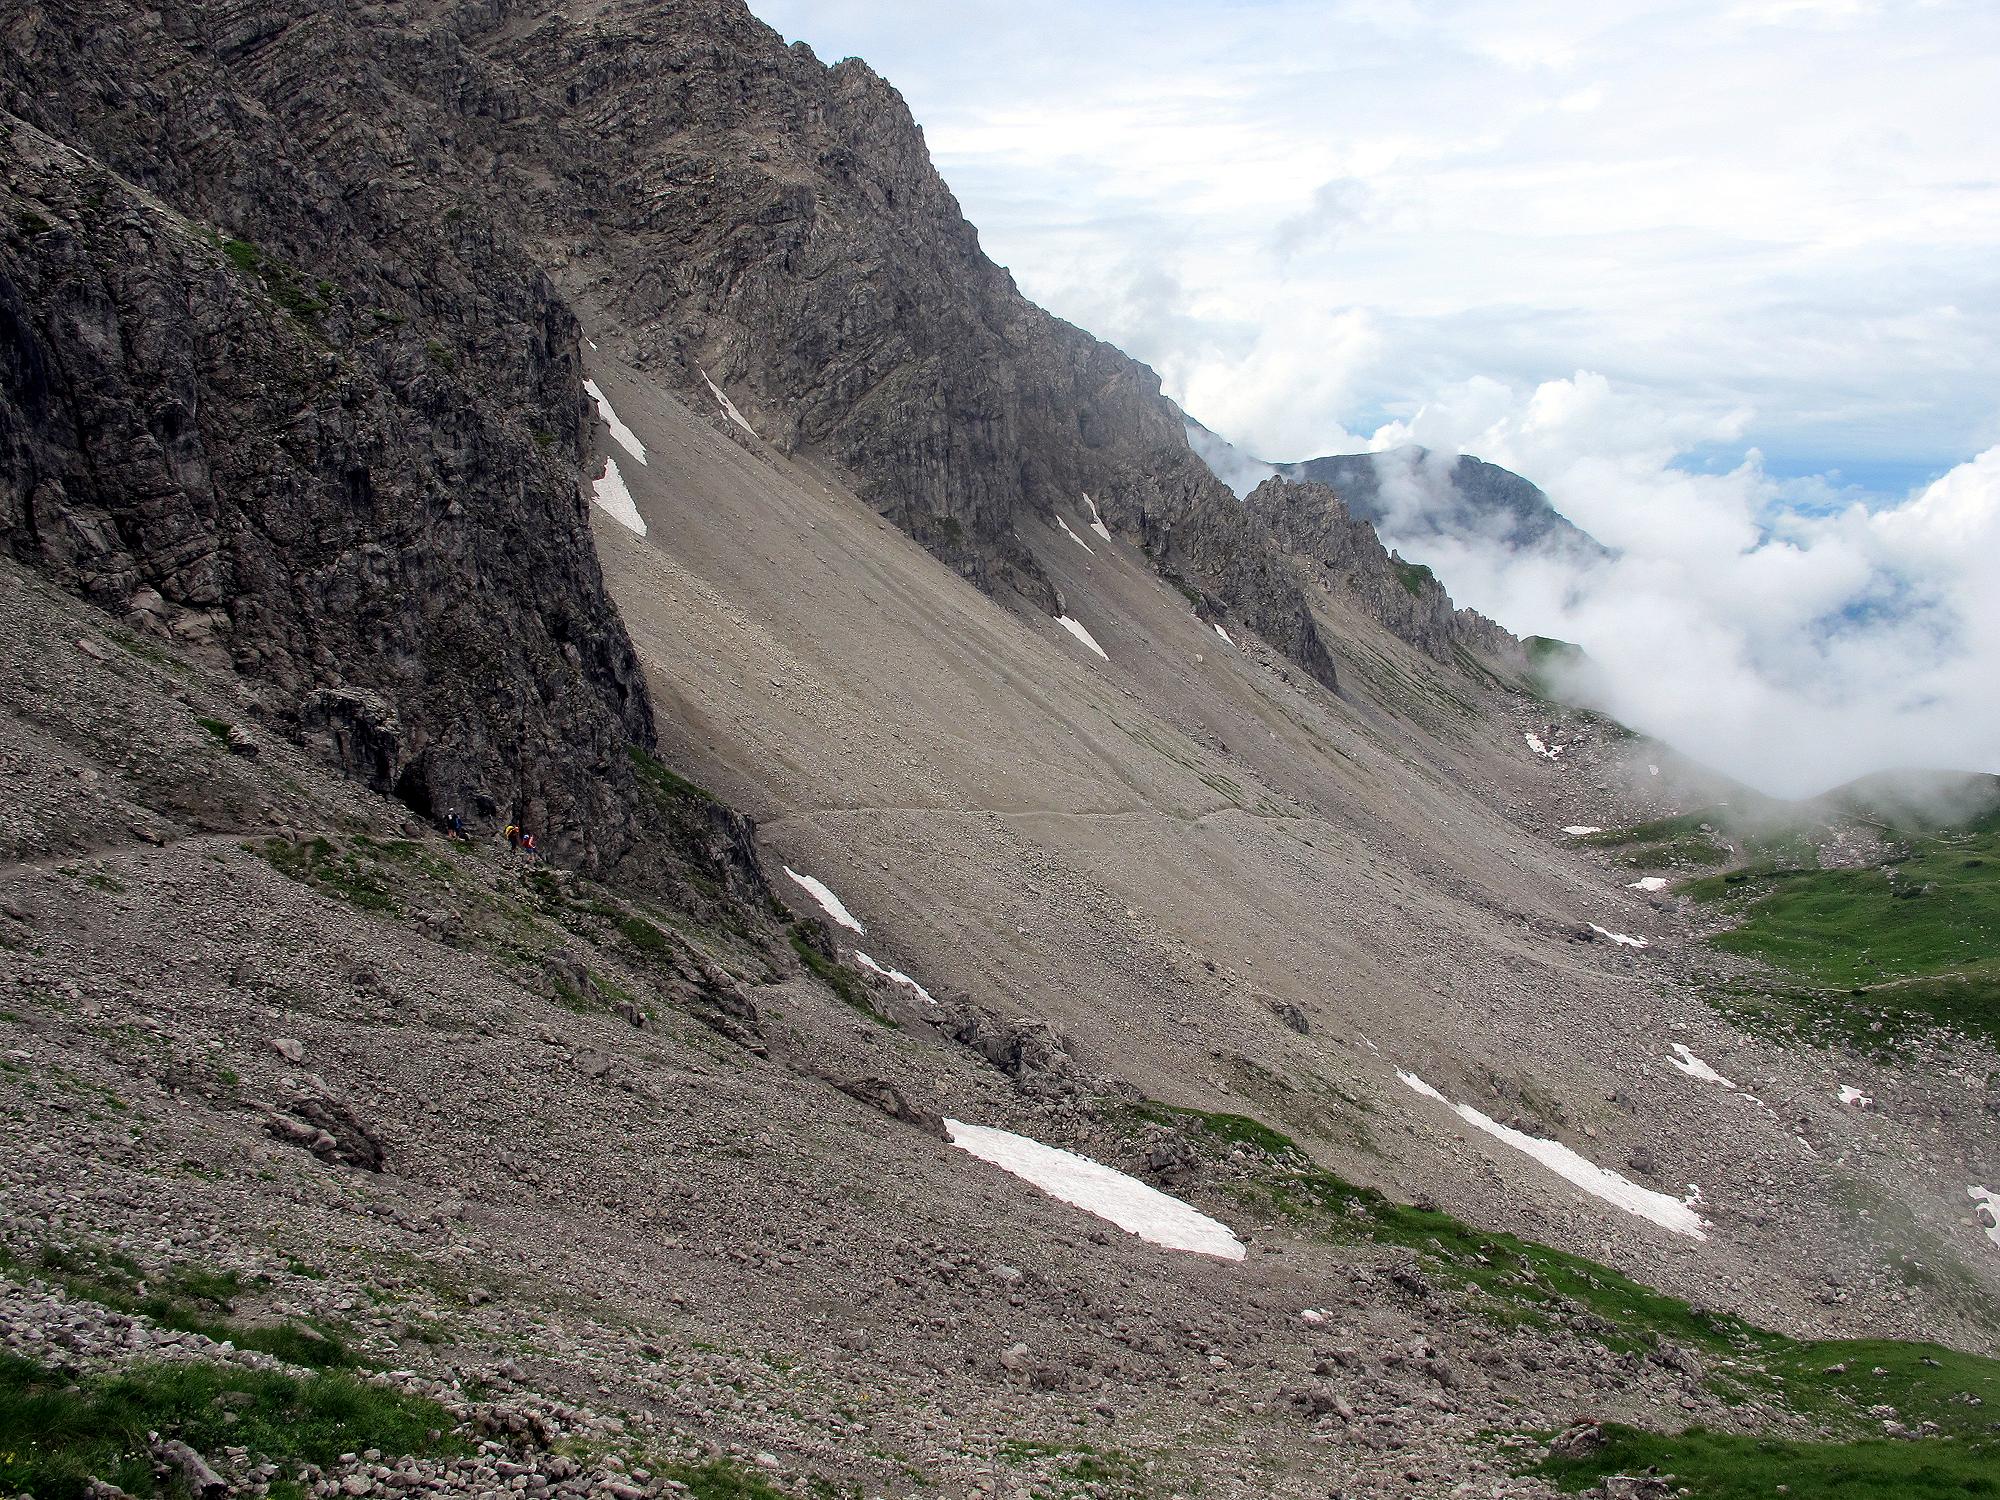 IMG_3713.jpg fiderepasshütte